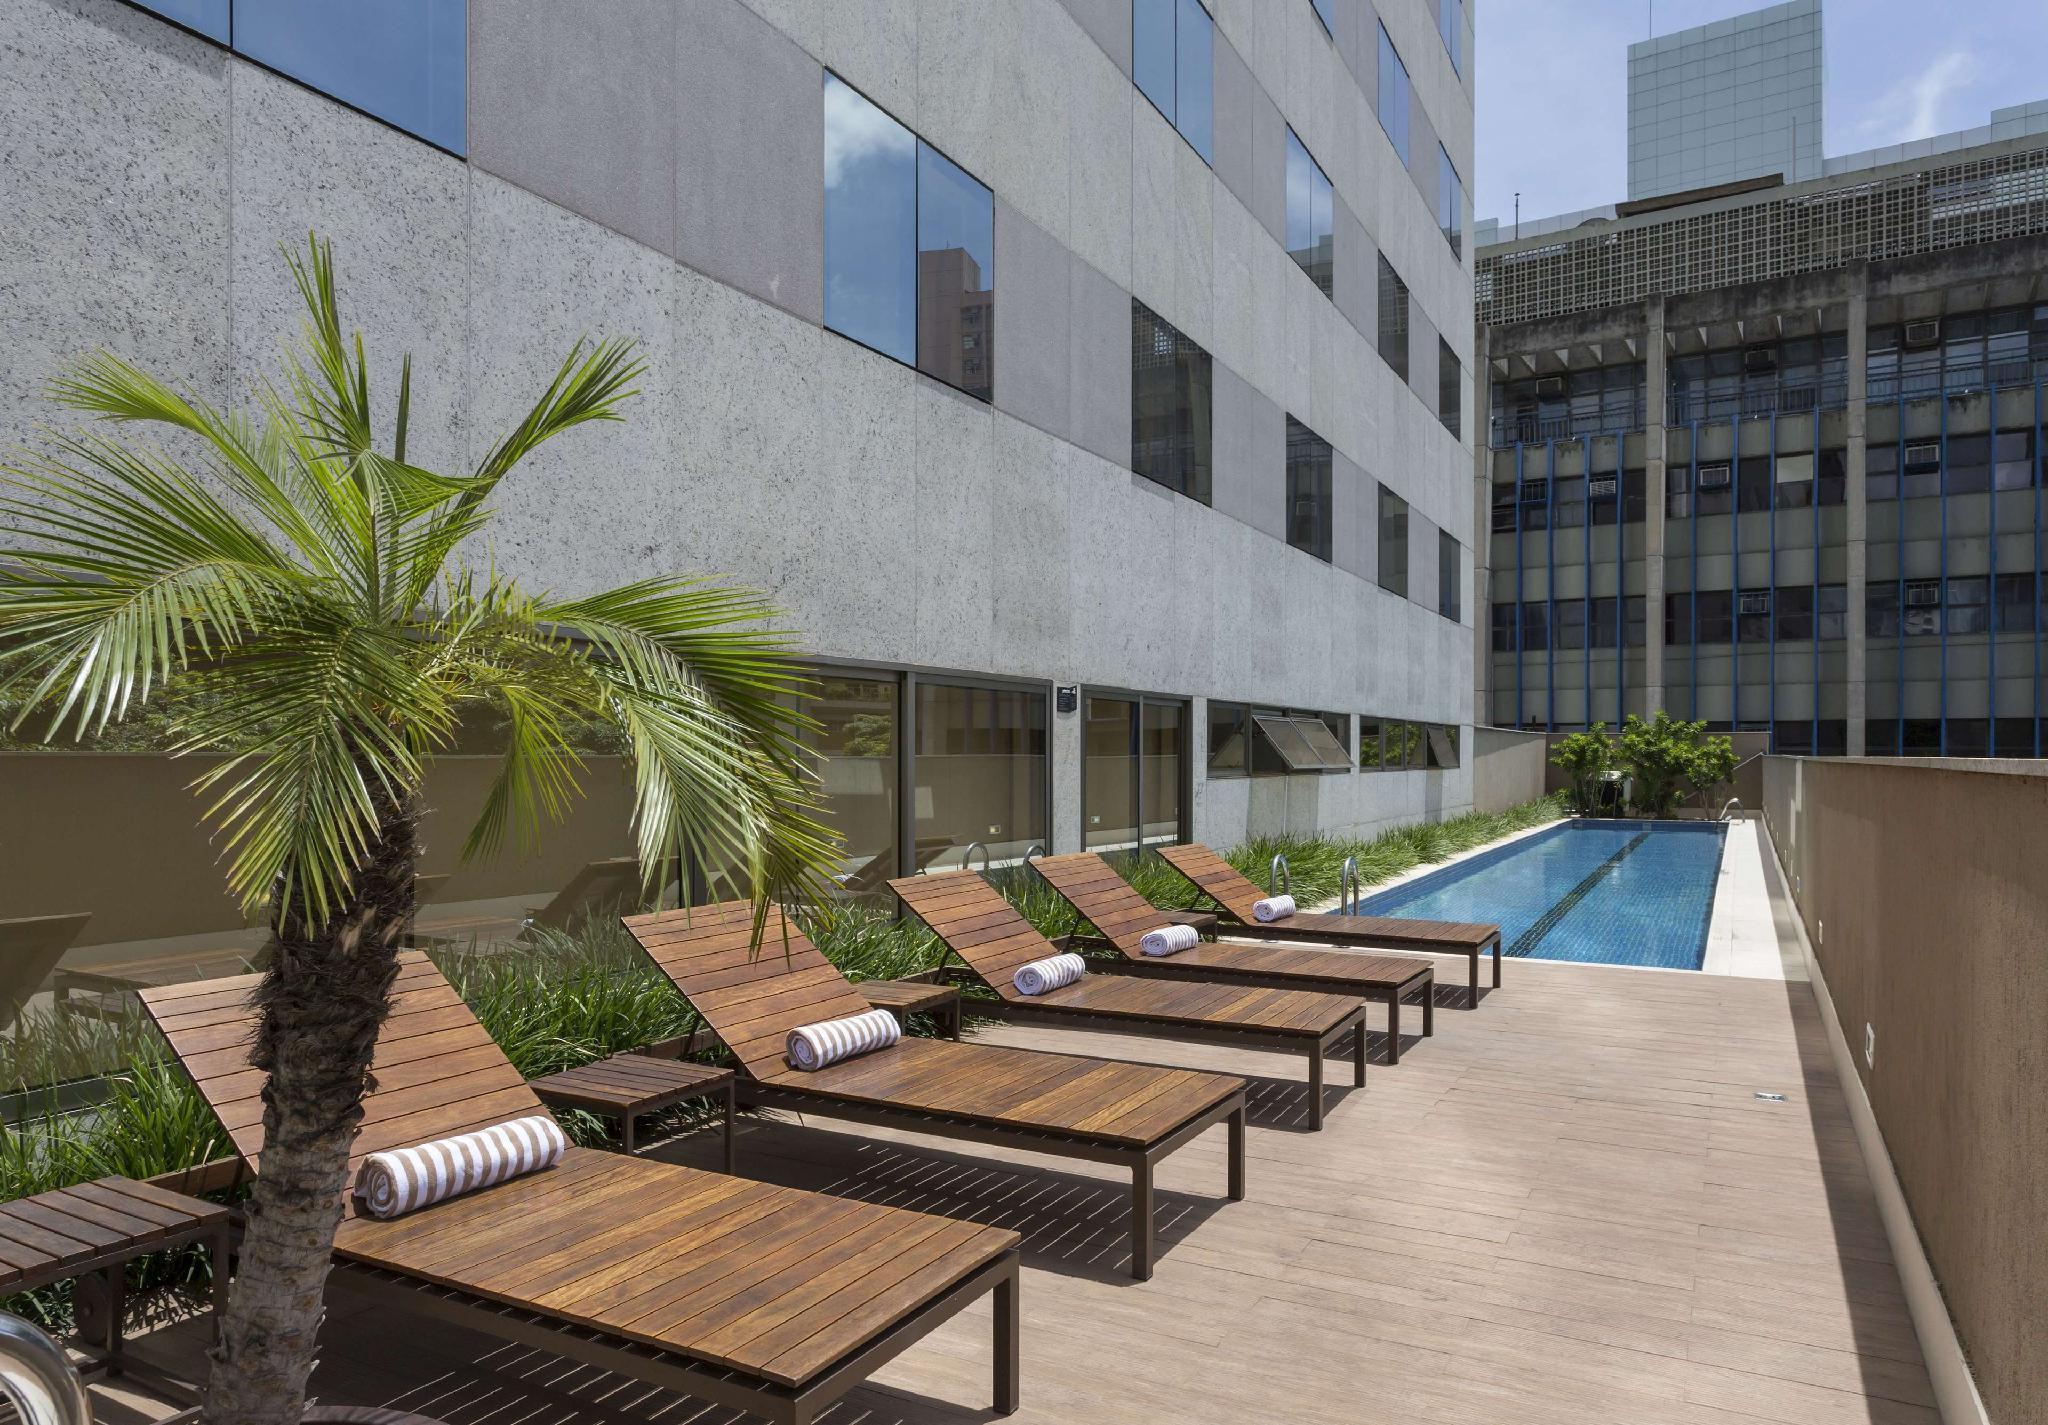 Hilton Garden Inn Belo Horizonte, MG